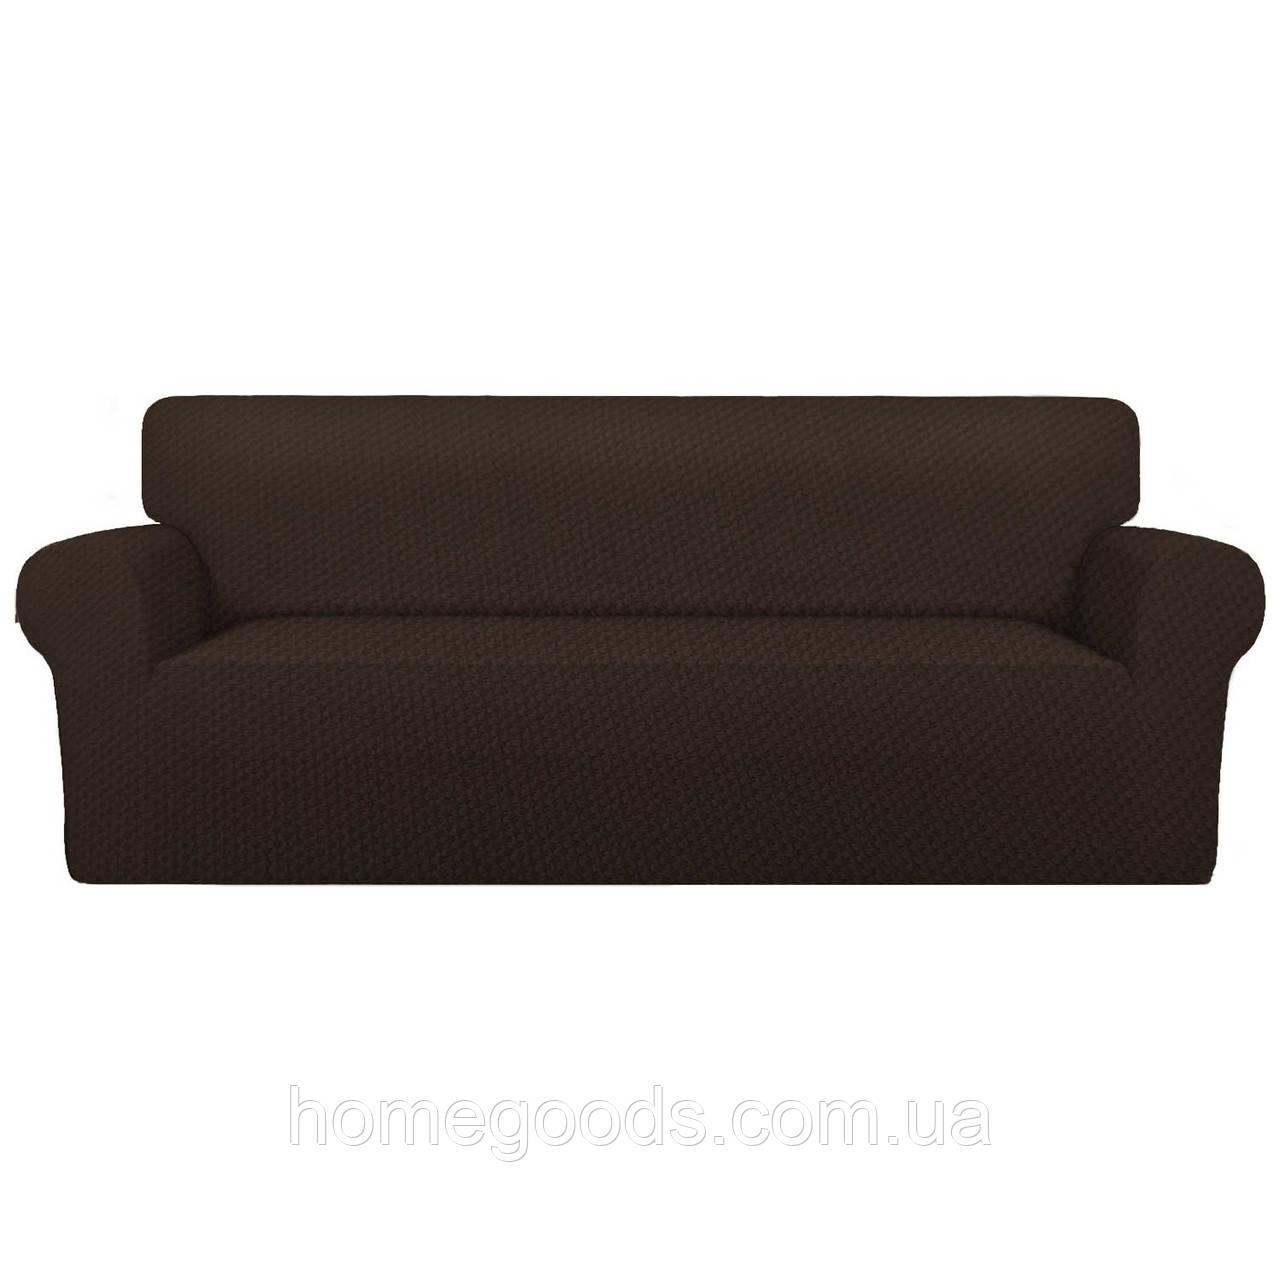 Однотонный чехол на диван Коричневый